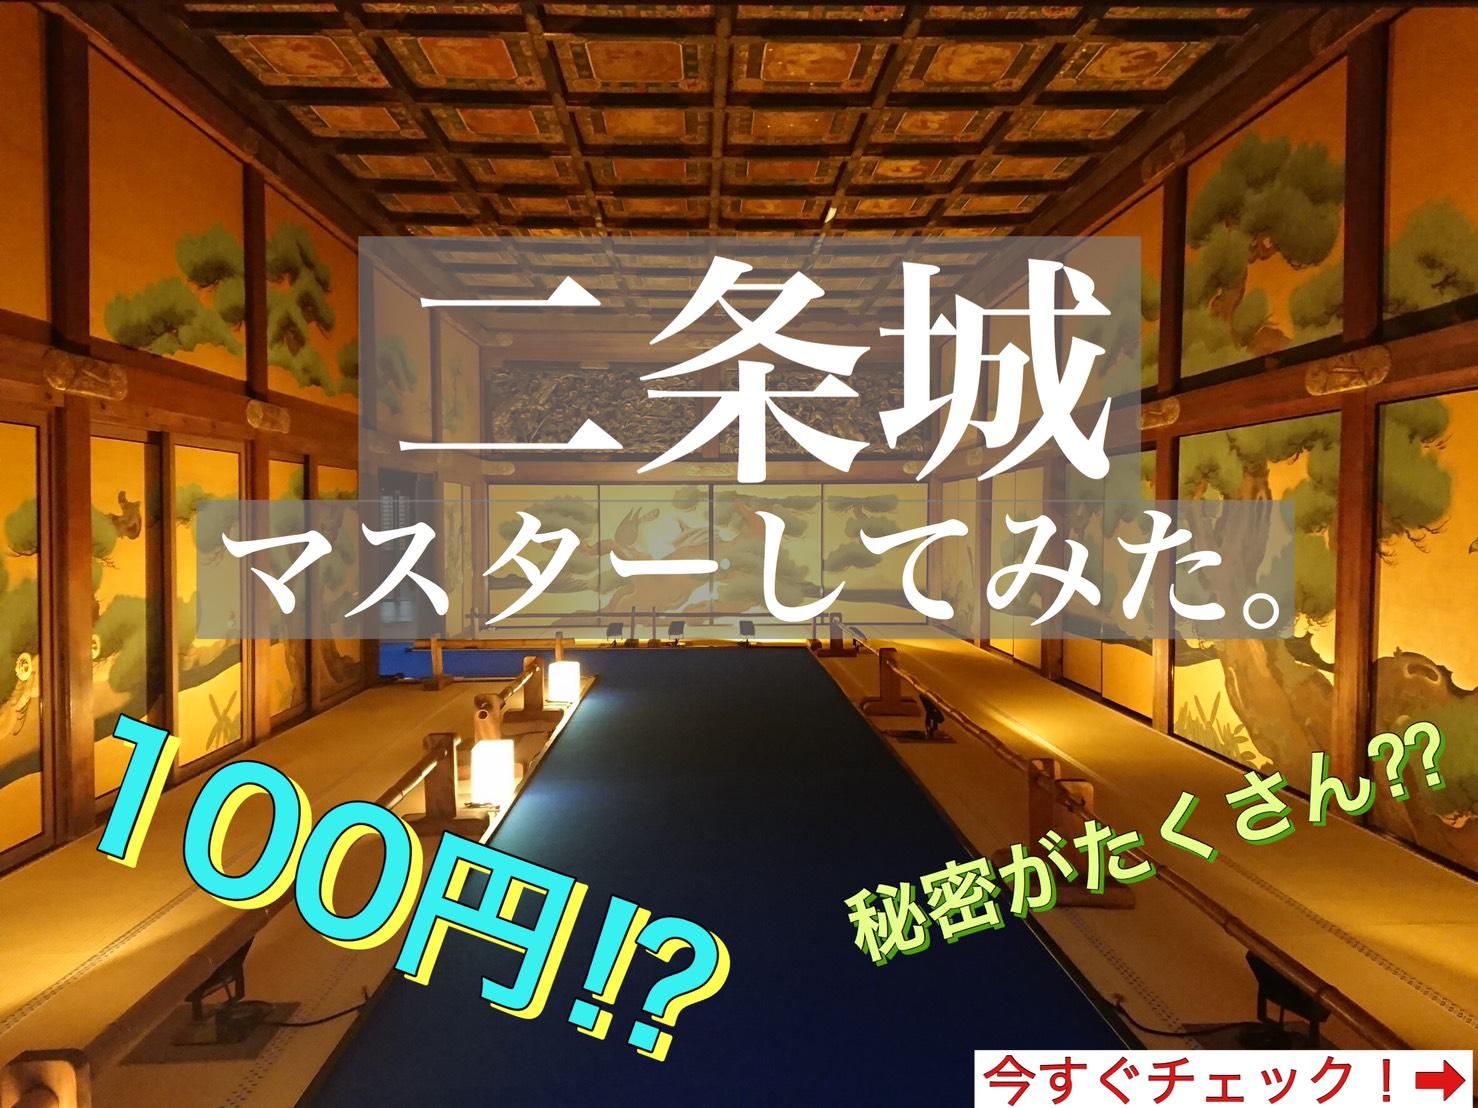 京都市キャンパス文化パートナーズ制度を使って、お得に京都の歴史を学ぼう!―二条城編―